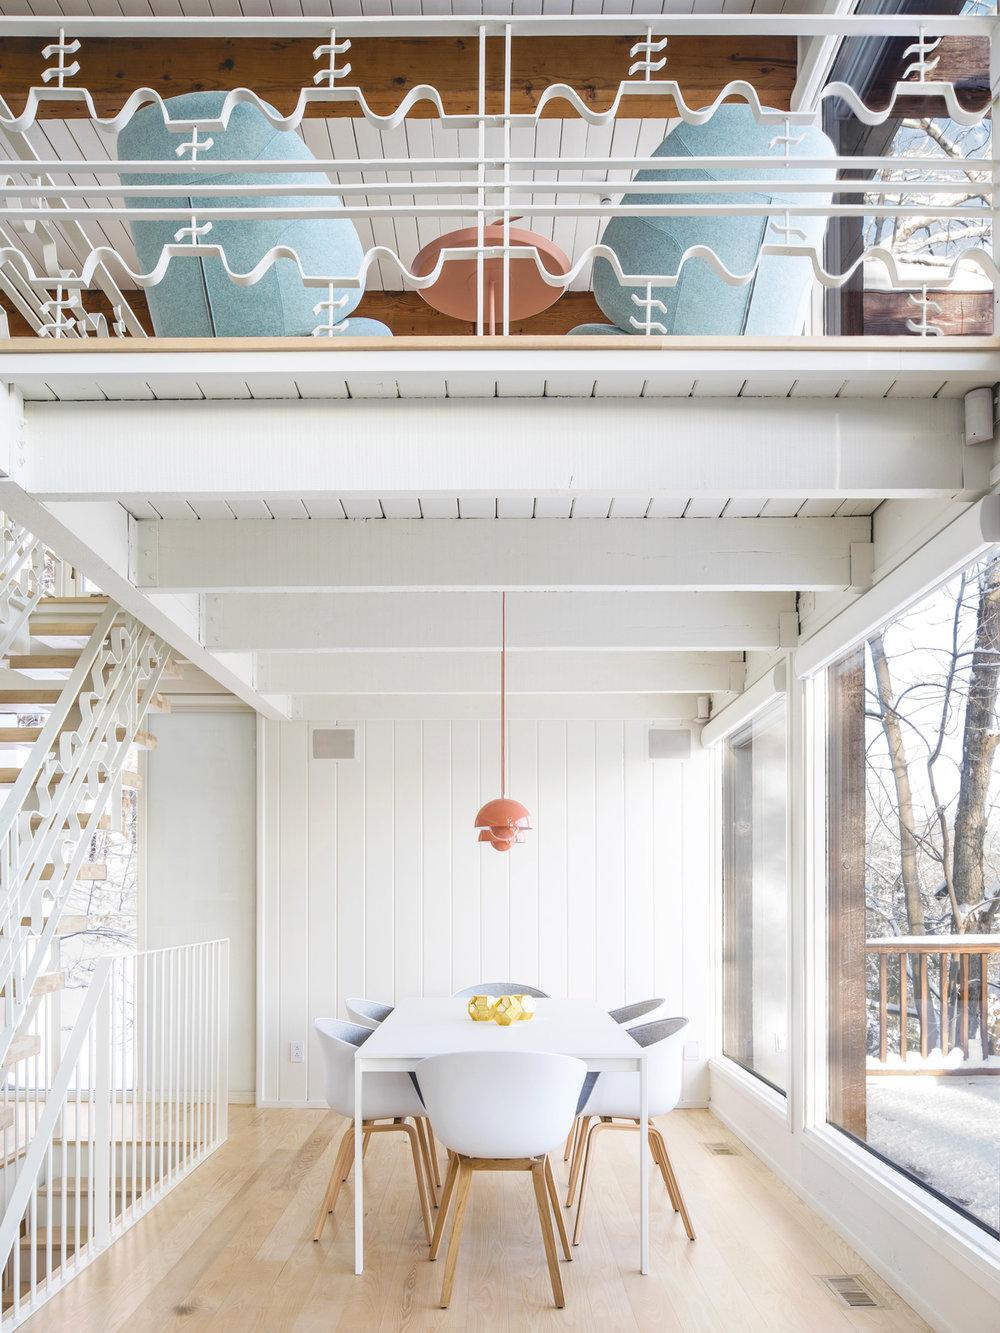 <<<<< BACK  Résidence Maribou, par  Alain Carle Architecte  © Raphaël Thibodeau